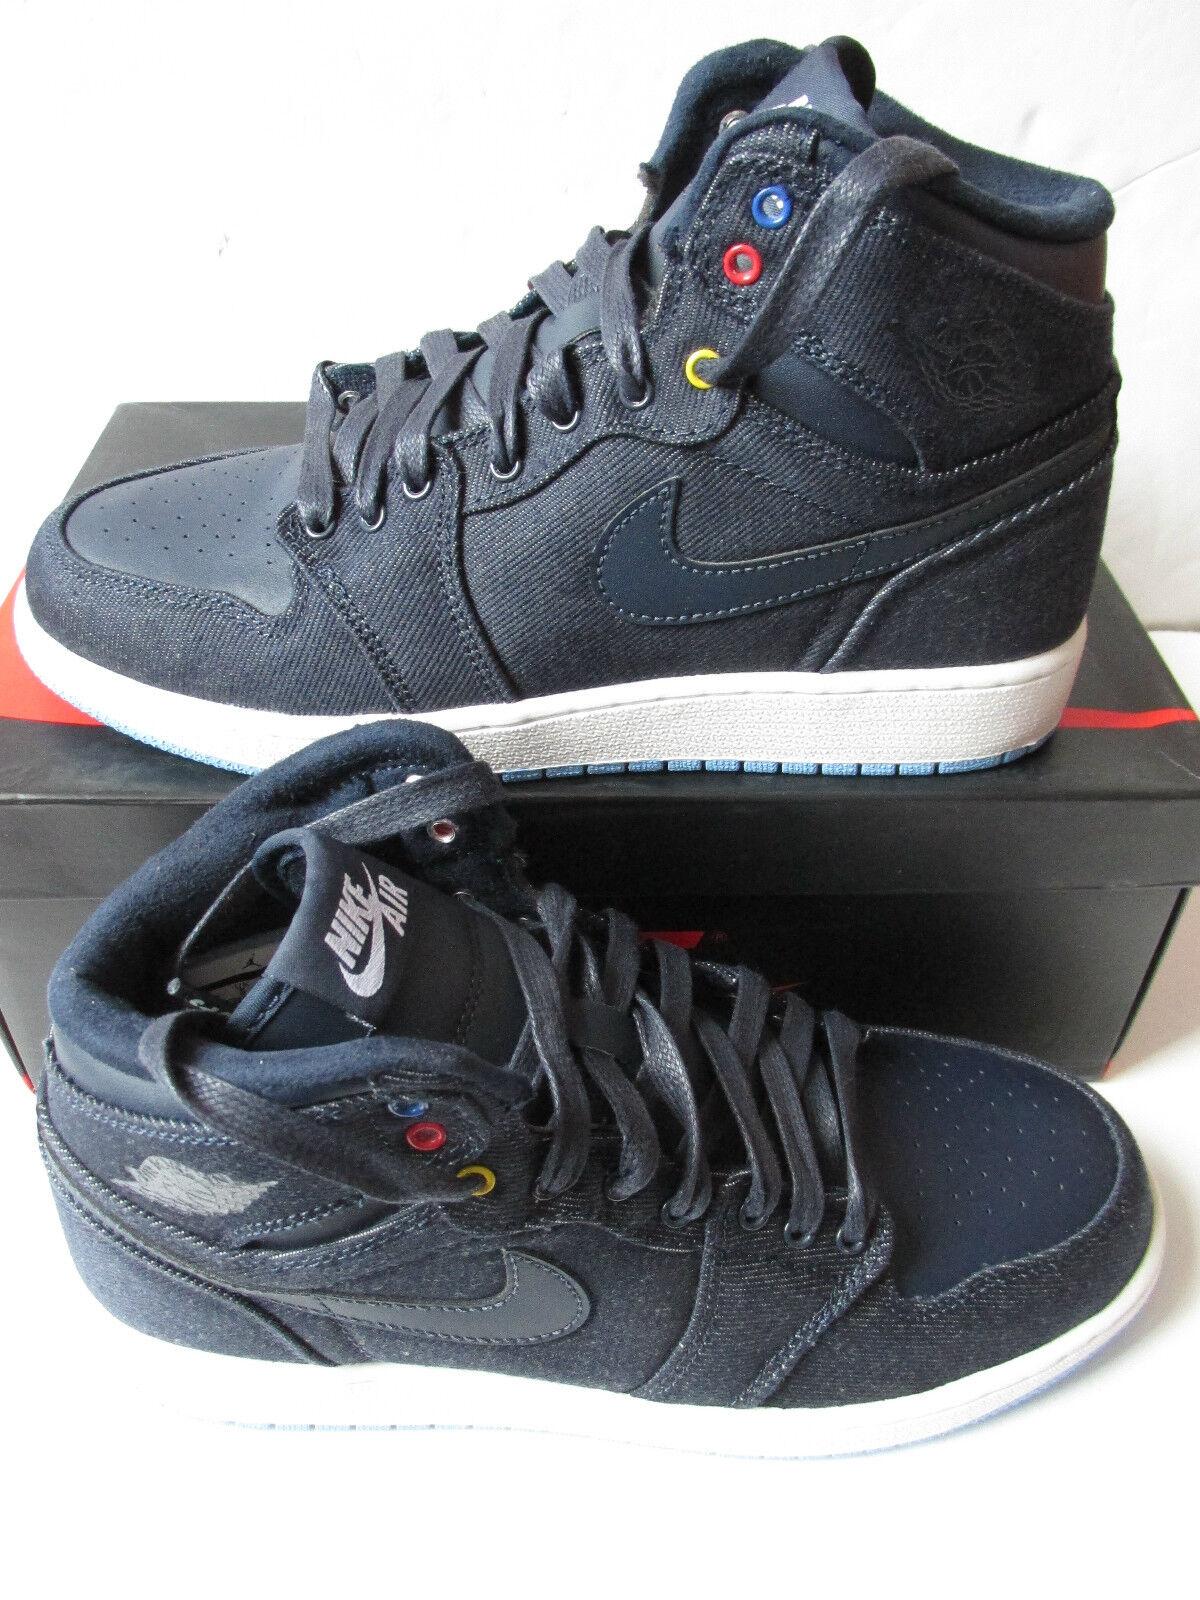 nike air jordan 1 retro high BG hi top trainers 682782 415 sneakers shoes